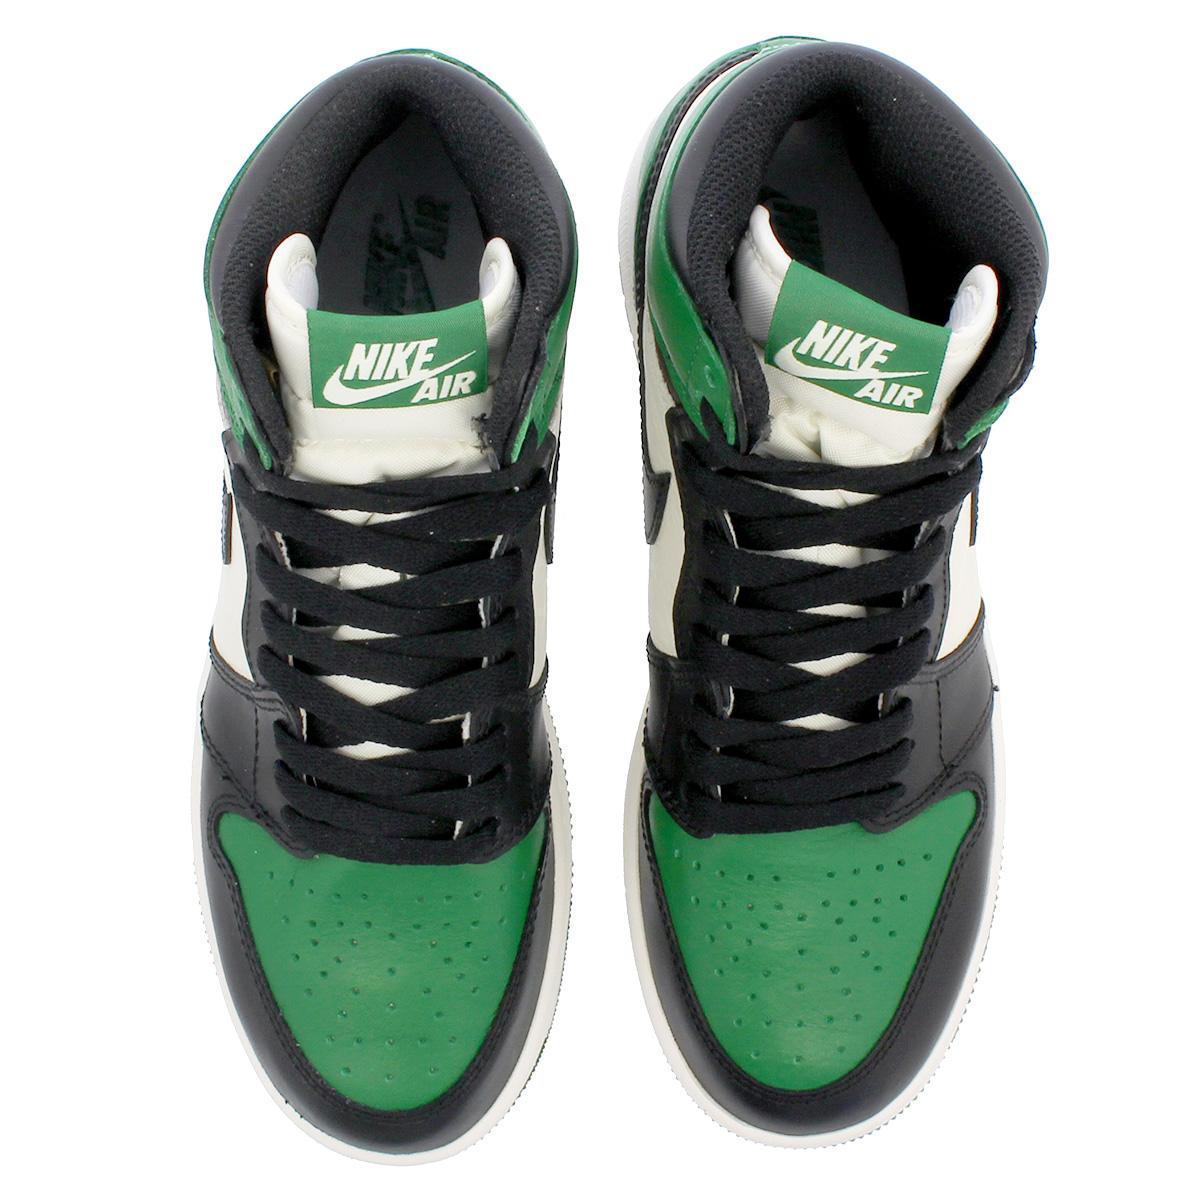 c9e7405b46bb08 NIKE AIR JORDAN 1 RETRO HIGH OG BG Nike Air Jordan 1 nostalgic high OG BG PINE  GREEN BLACK SAIL 575